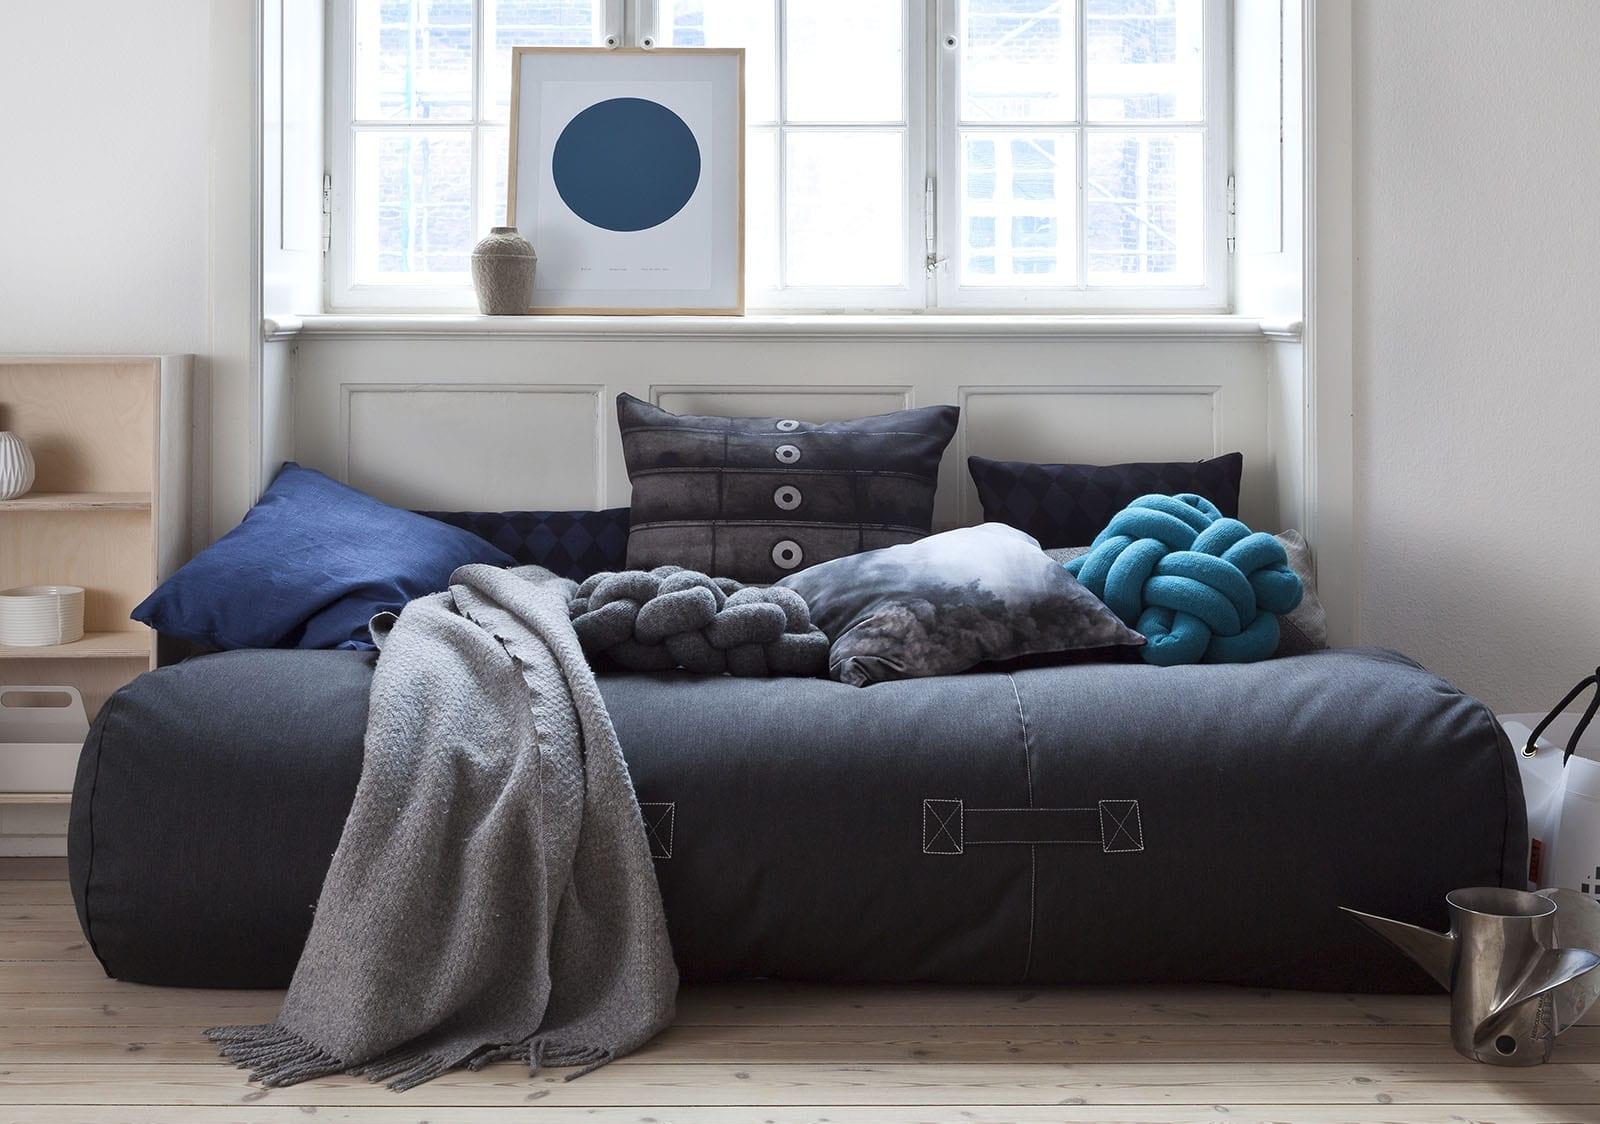 rocket-daybed-graphite-kan-brukes-innendørs-som-sofa Hagemøbler og utemøbler - Fine design